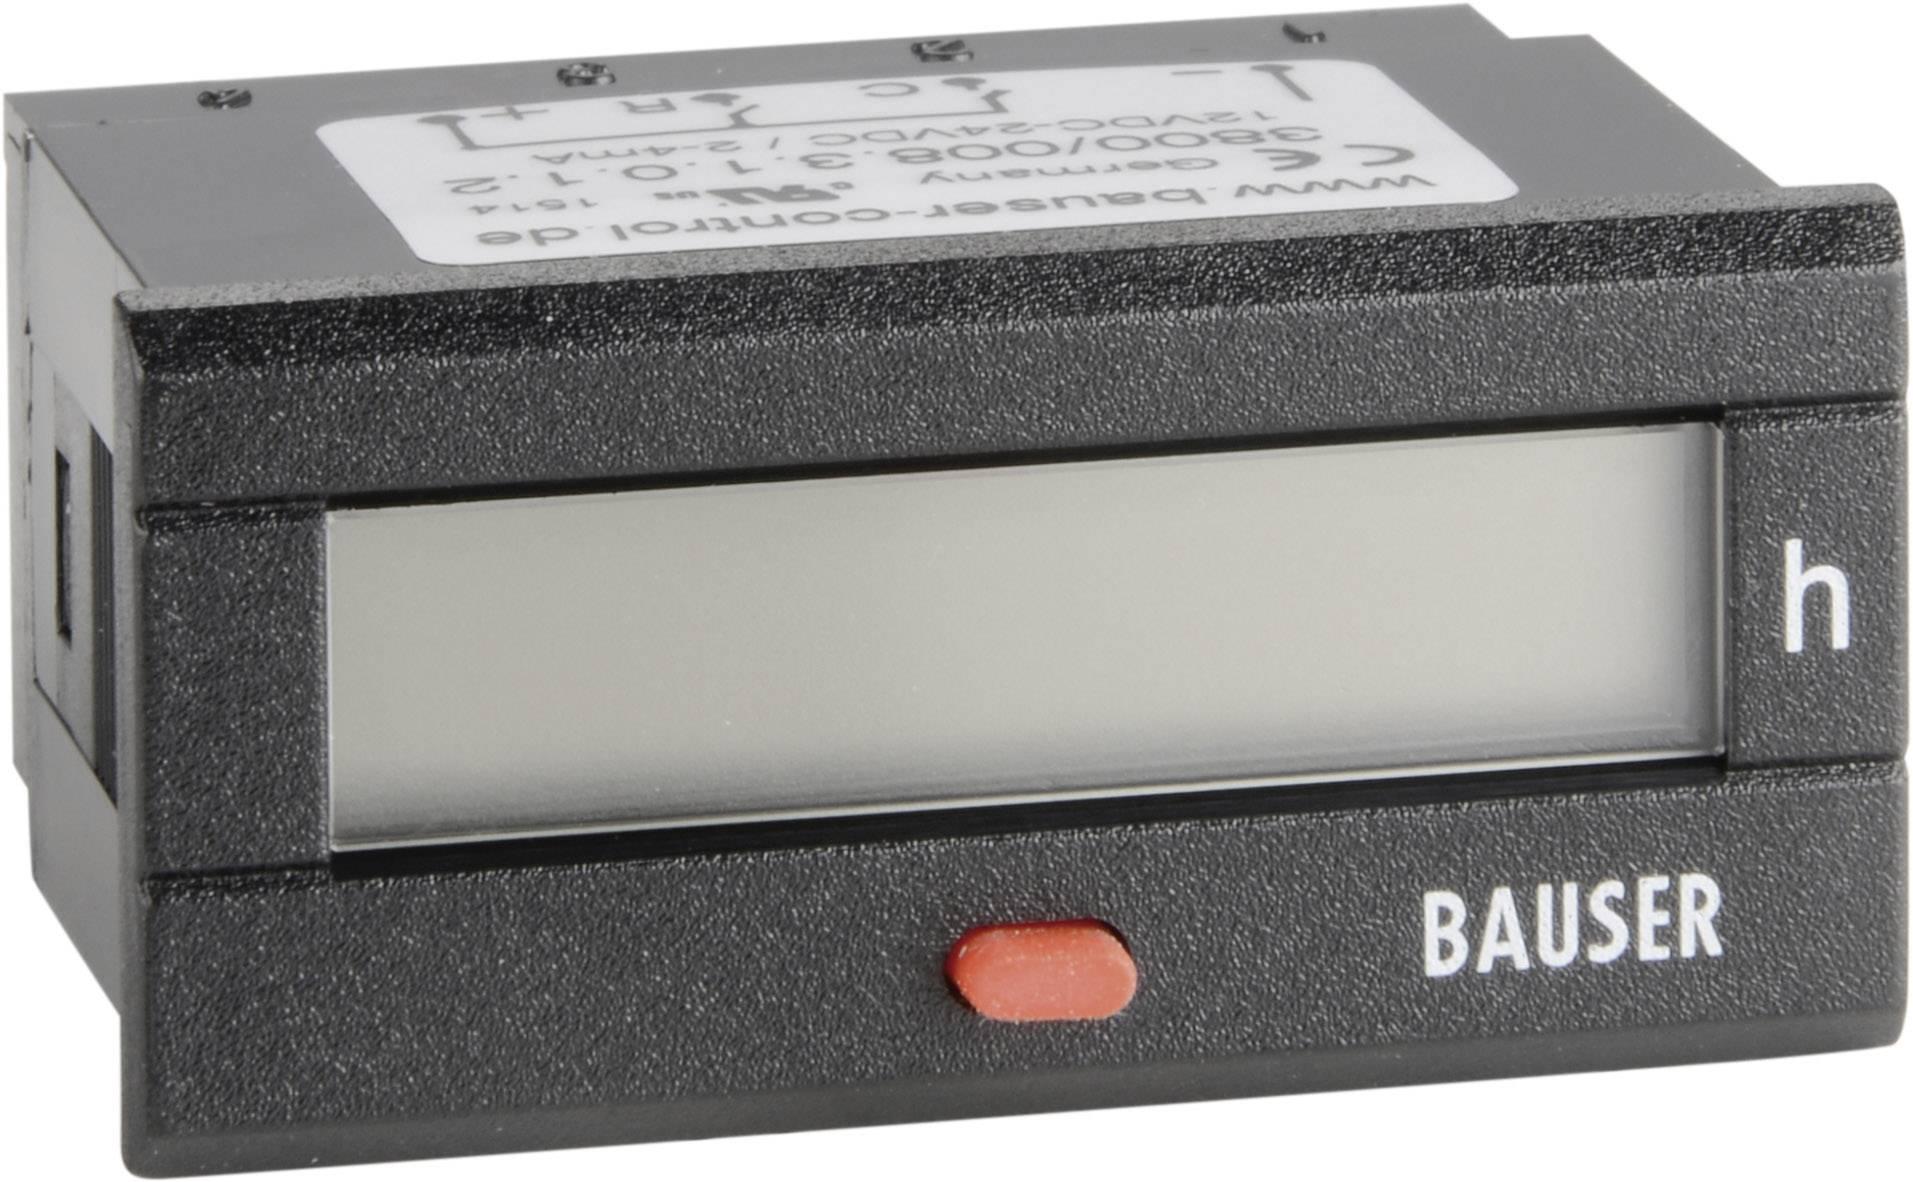 Bauser 3800.2.1.0.1.2 Tempo di